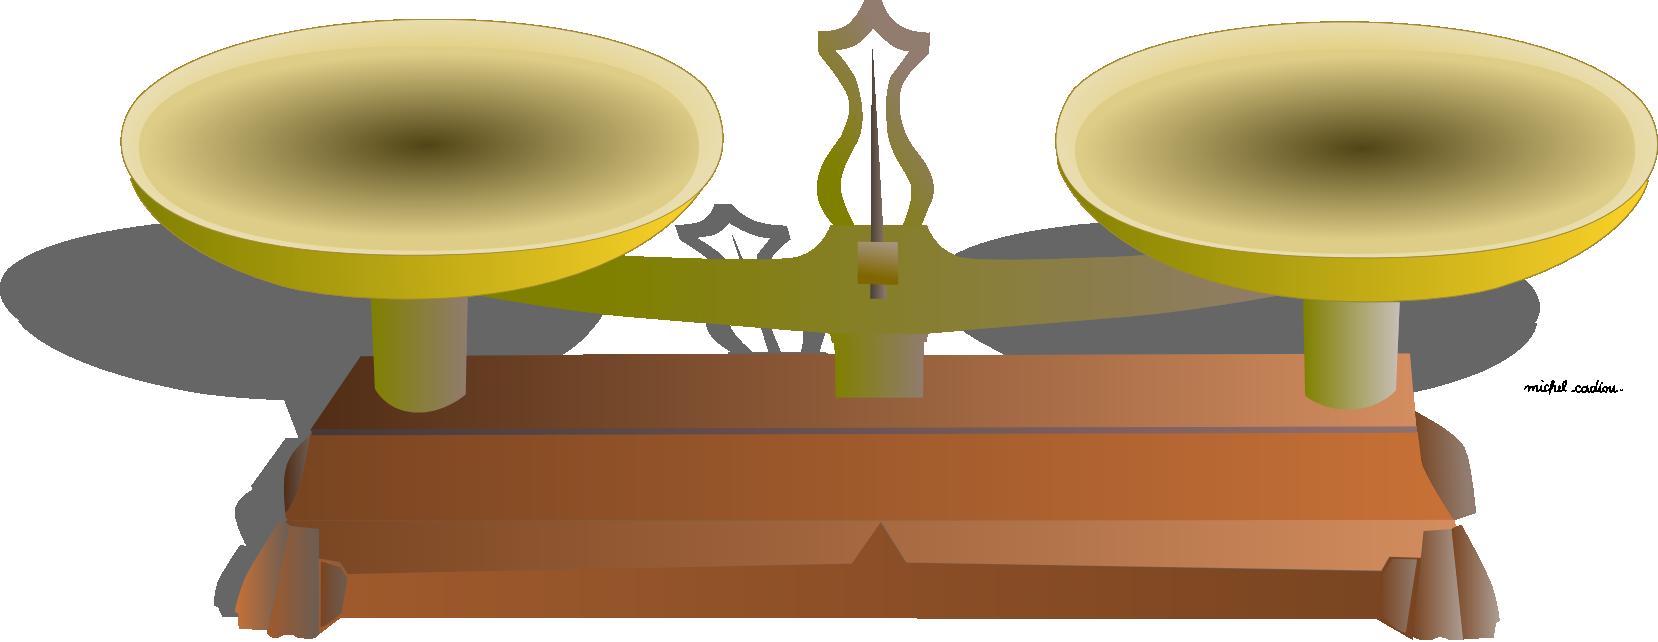 Balance Transparent Image